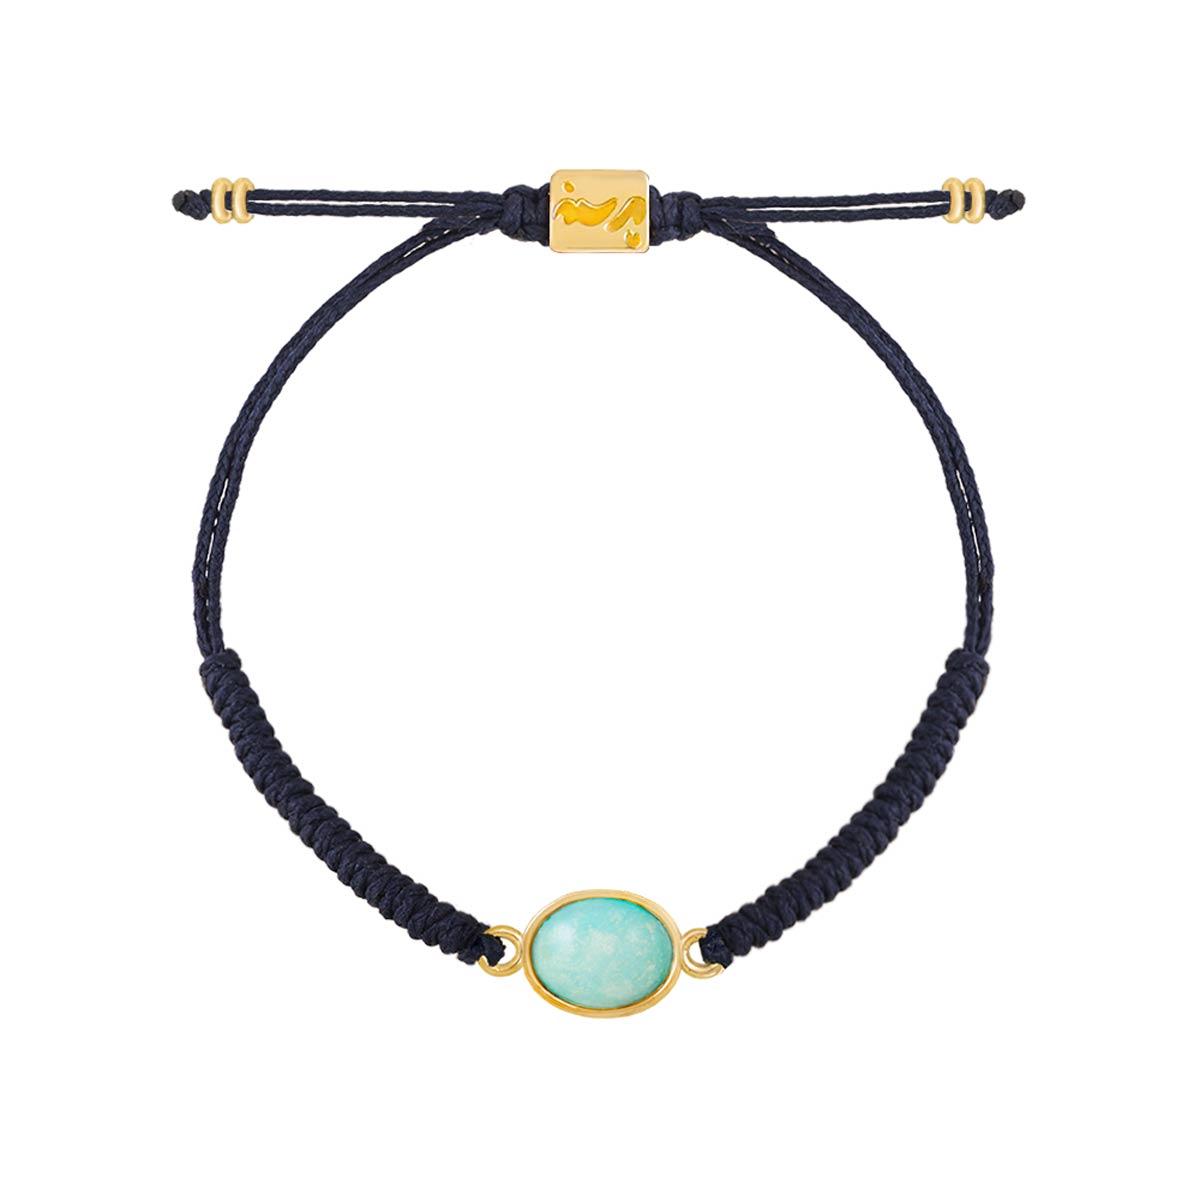 دستبند طلا بافت فیروزه دایره کوچک